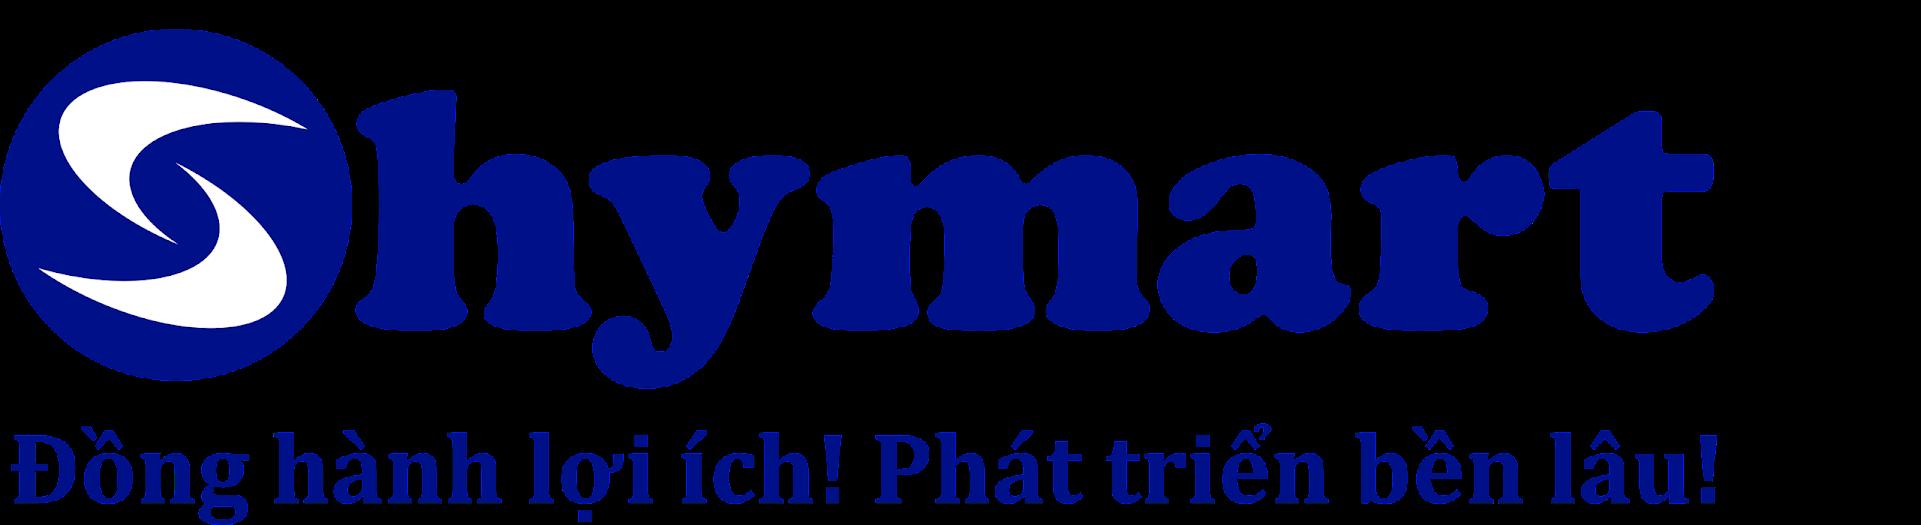 Shymart - TT Nghiên cứu Kỹ thyuật & Dịch vụ Thương mại